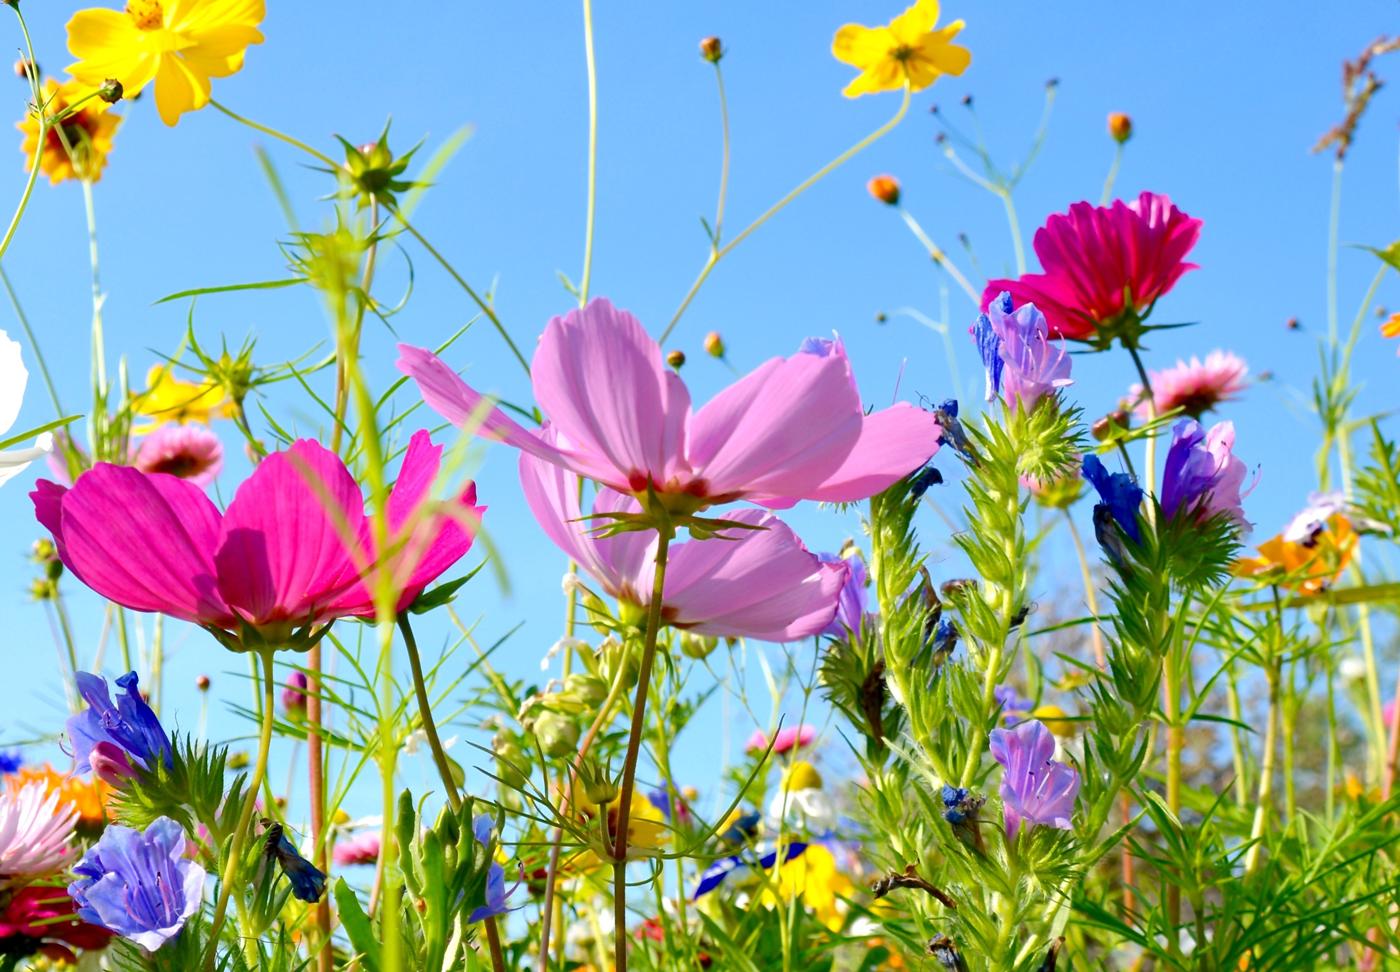 Blumenwiese, AdobeStock S.H.exlusiv